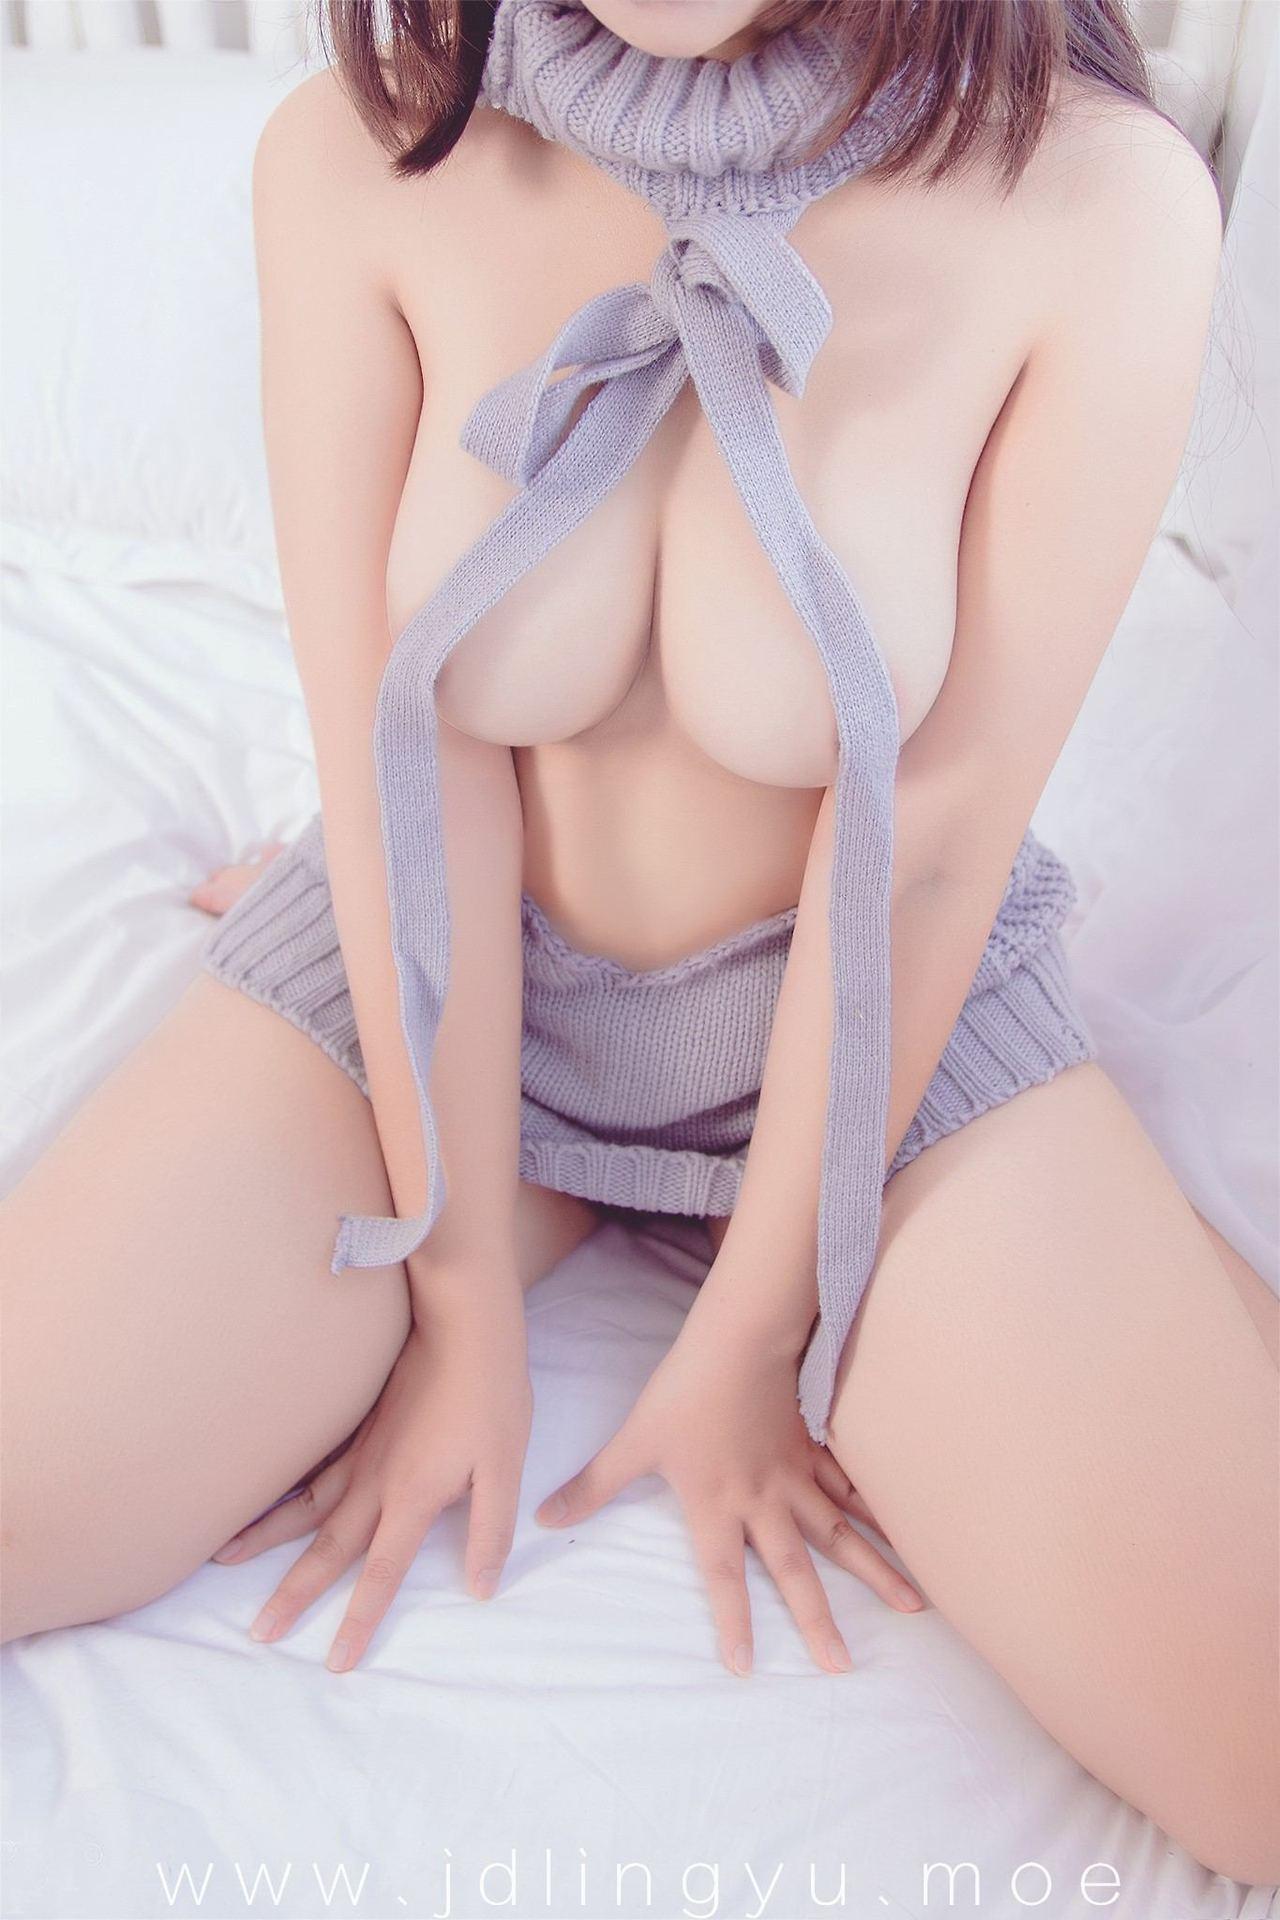 【素人セックス動画】逆ナンパで素人の男の人とセックスしまくる美人女性